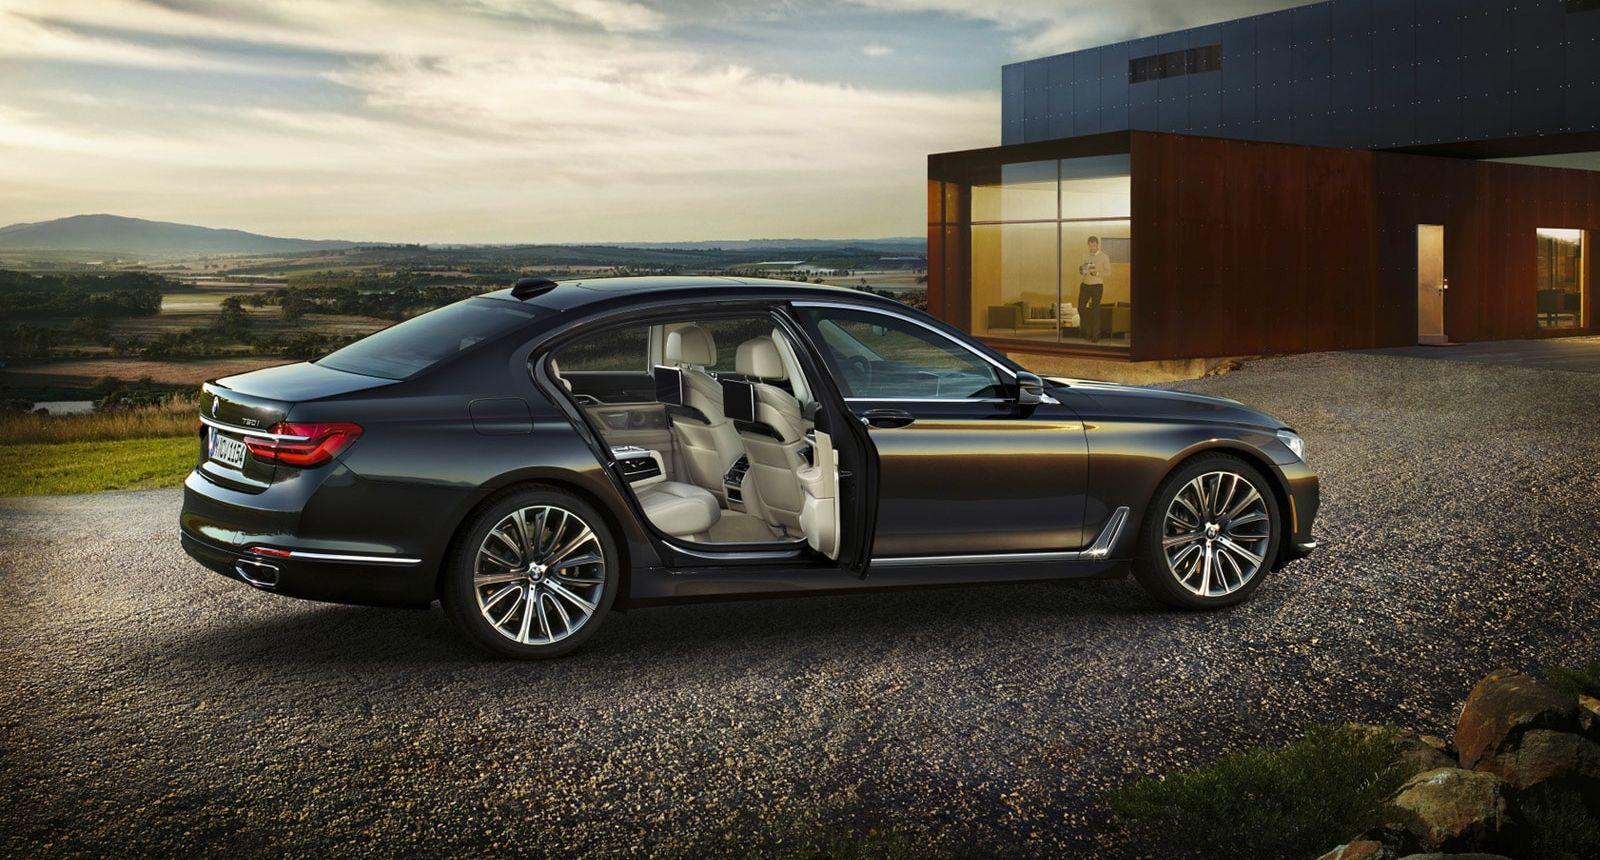 2019 BMW 7 Series for Sale near Olympia Fields, IL